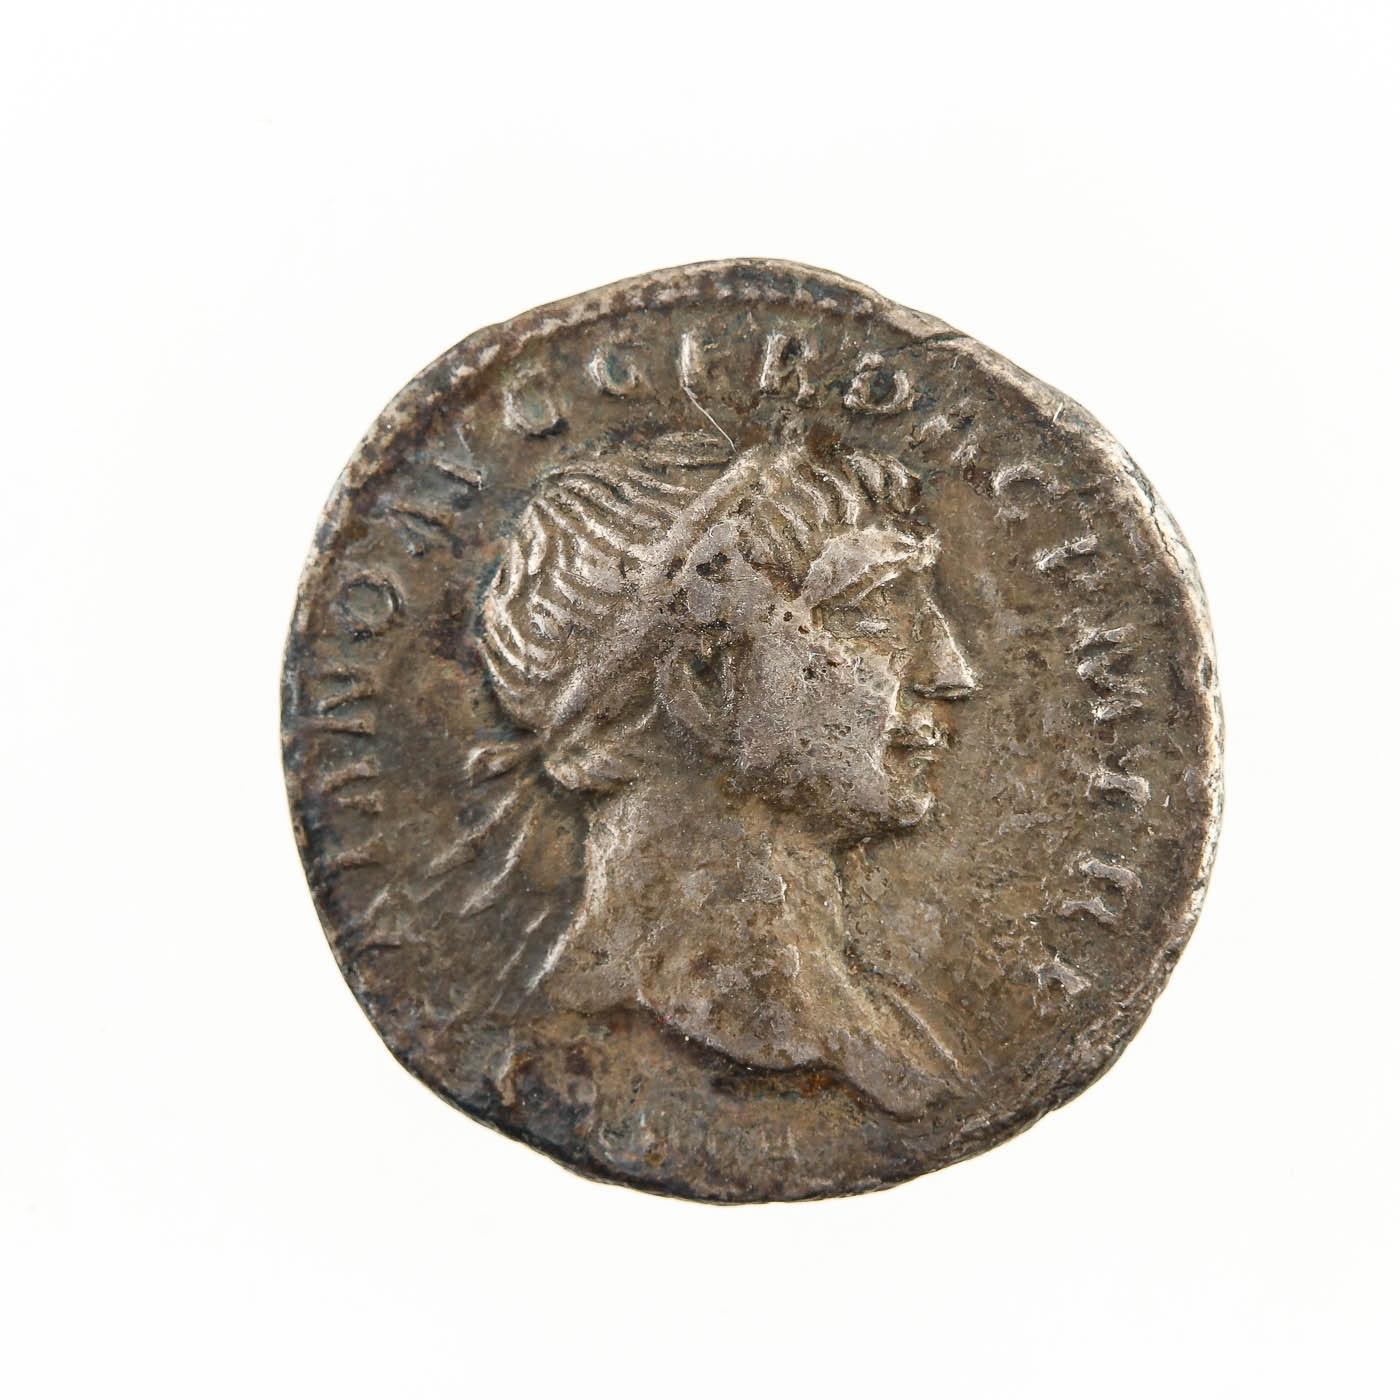 Ancient Roman Silver Denarius Coin: Trajan 98-117 AD